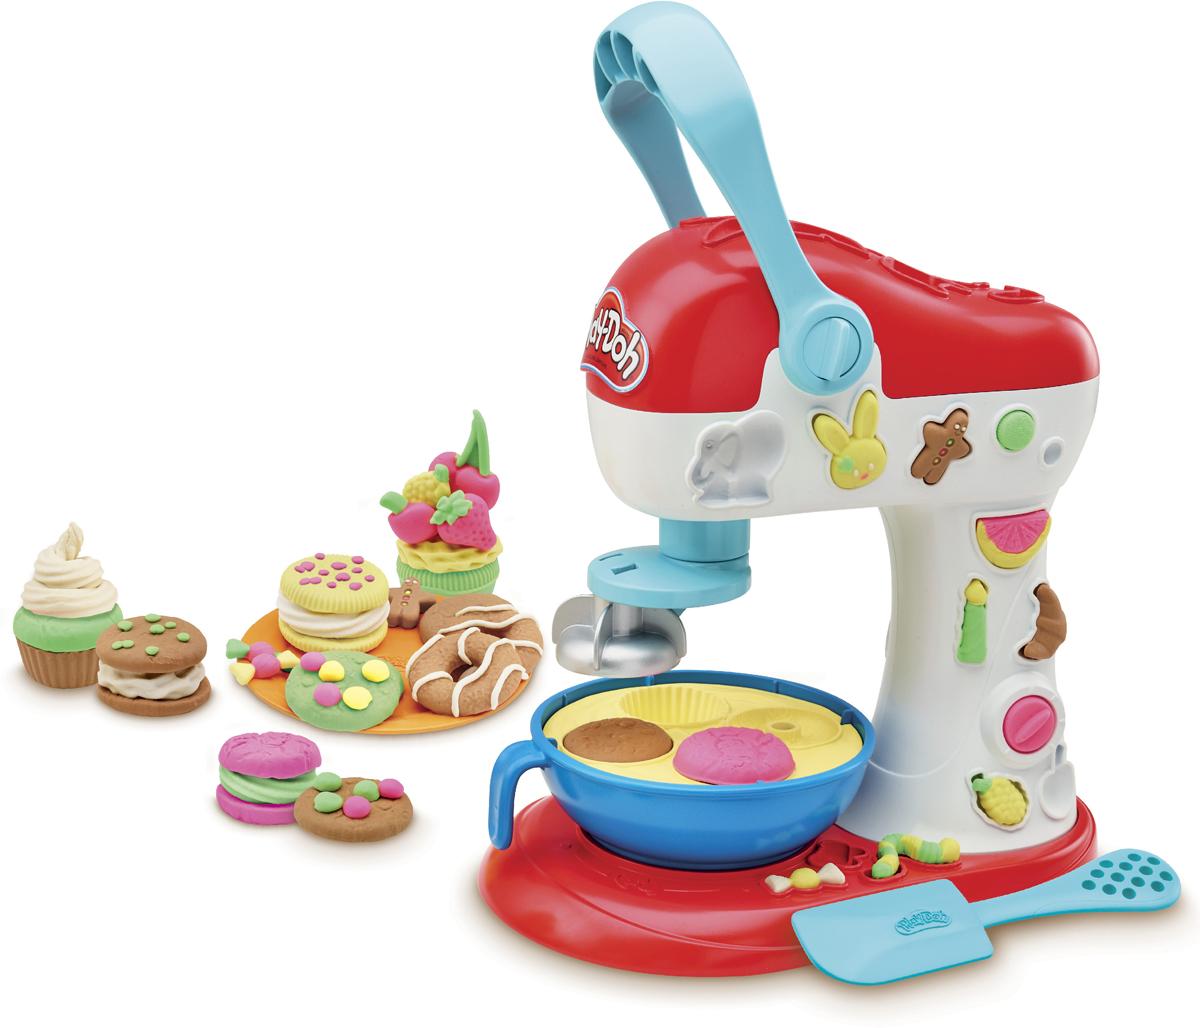 Игровой набор для лепки Play-Doh Kitchen Creations Миксер для конфет, E0102EU4 play doh play doh малыши динозаврики